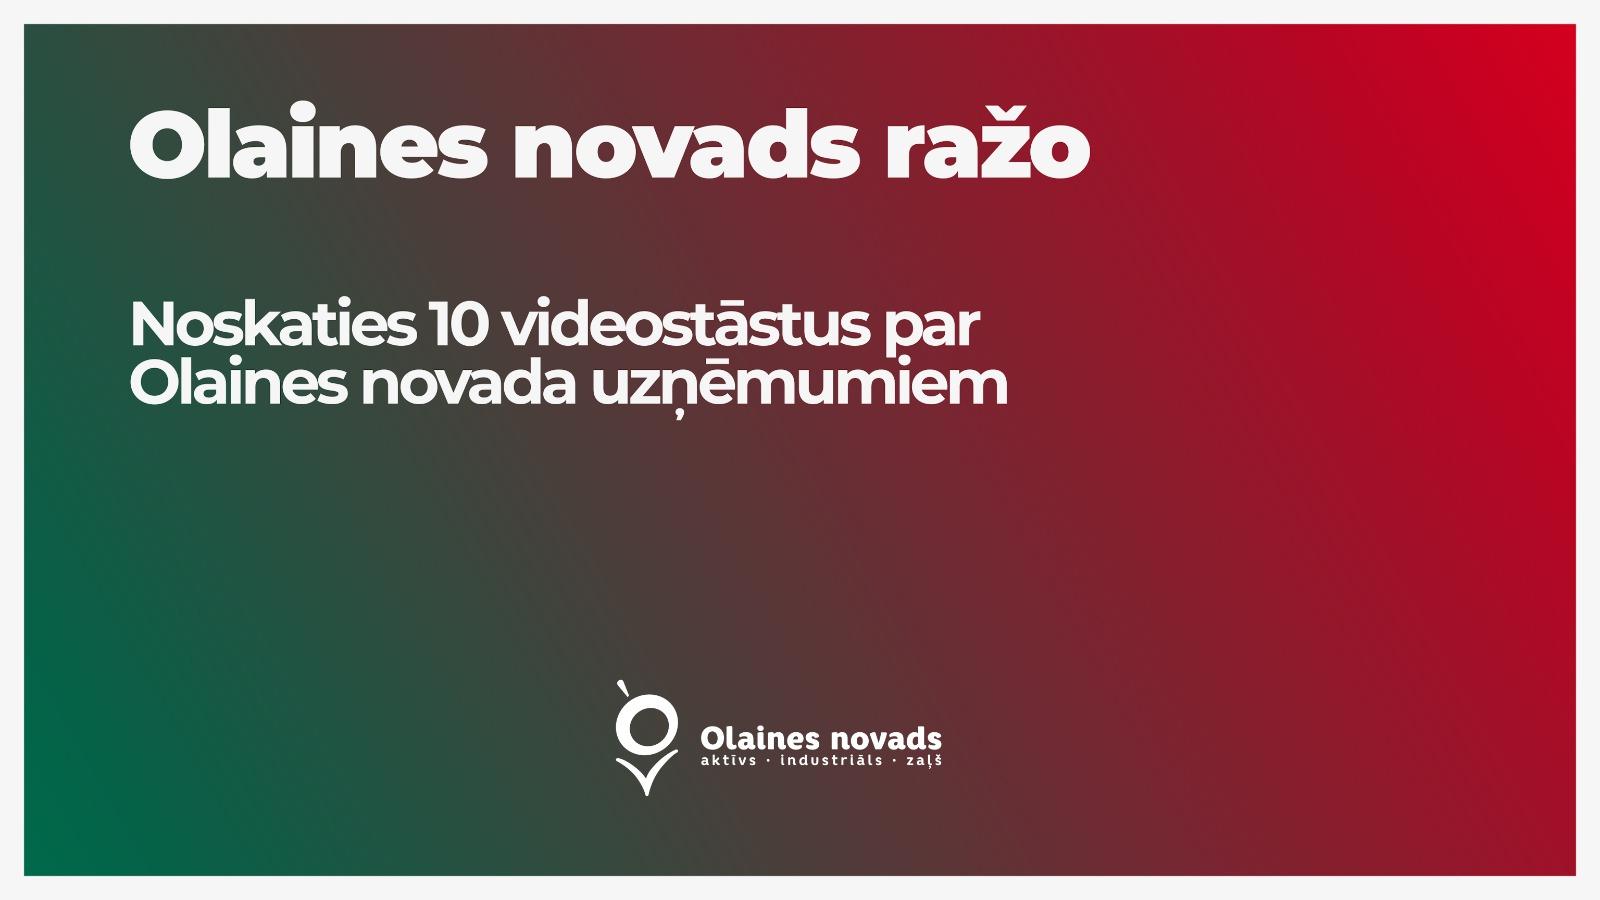 """Reklāma """"Olaines novads ražo"""" Noskaties 10 videostāstus par Olaines novada uzņēmumiem"""